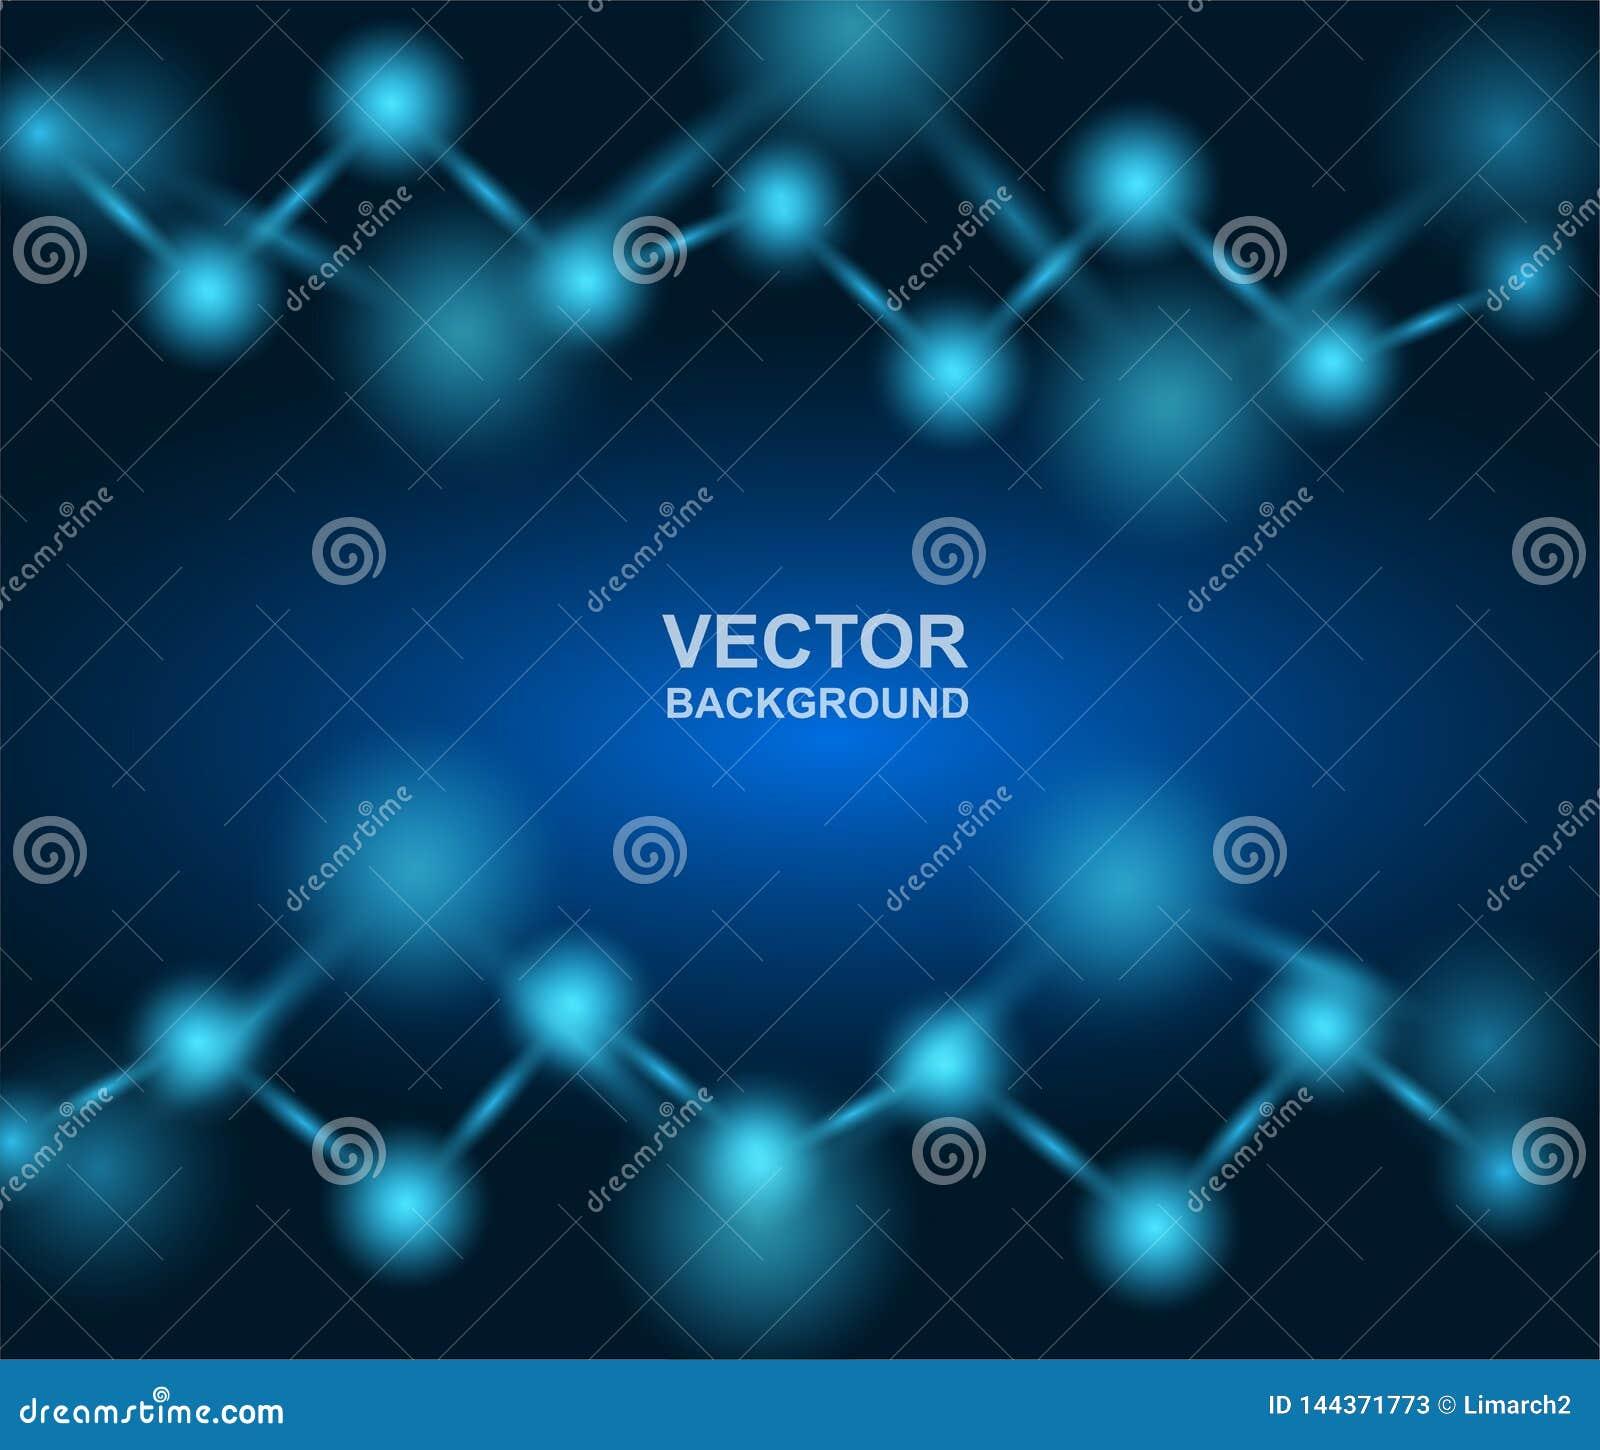 Samenvatting Moleculesontwerp atomen Medische of Wetenschapsachtergrond Moleculaire structuur met blauwe sferische deeltjes Vecto